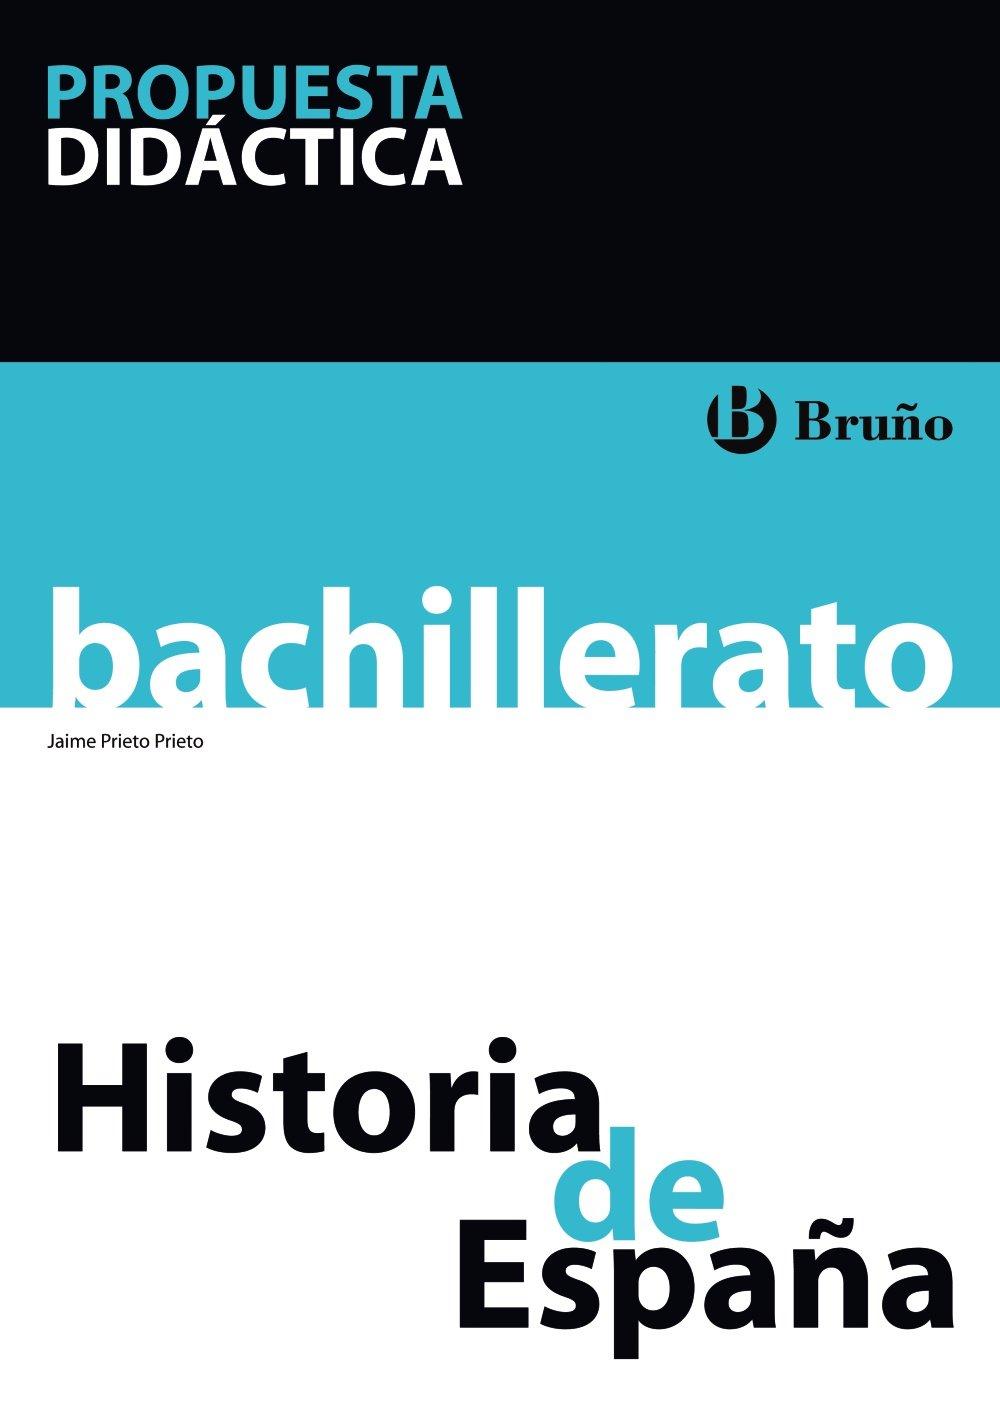 Historia de España Bachillerato Propuesta didáctica: Amazon.es ...